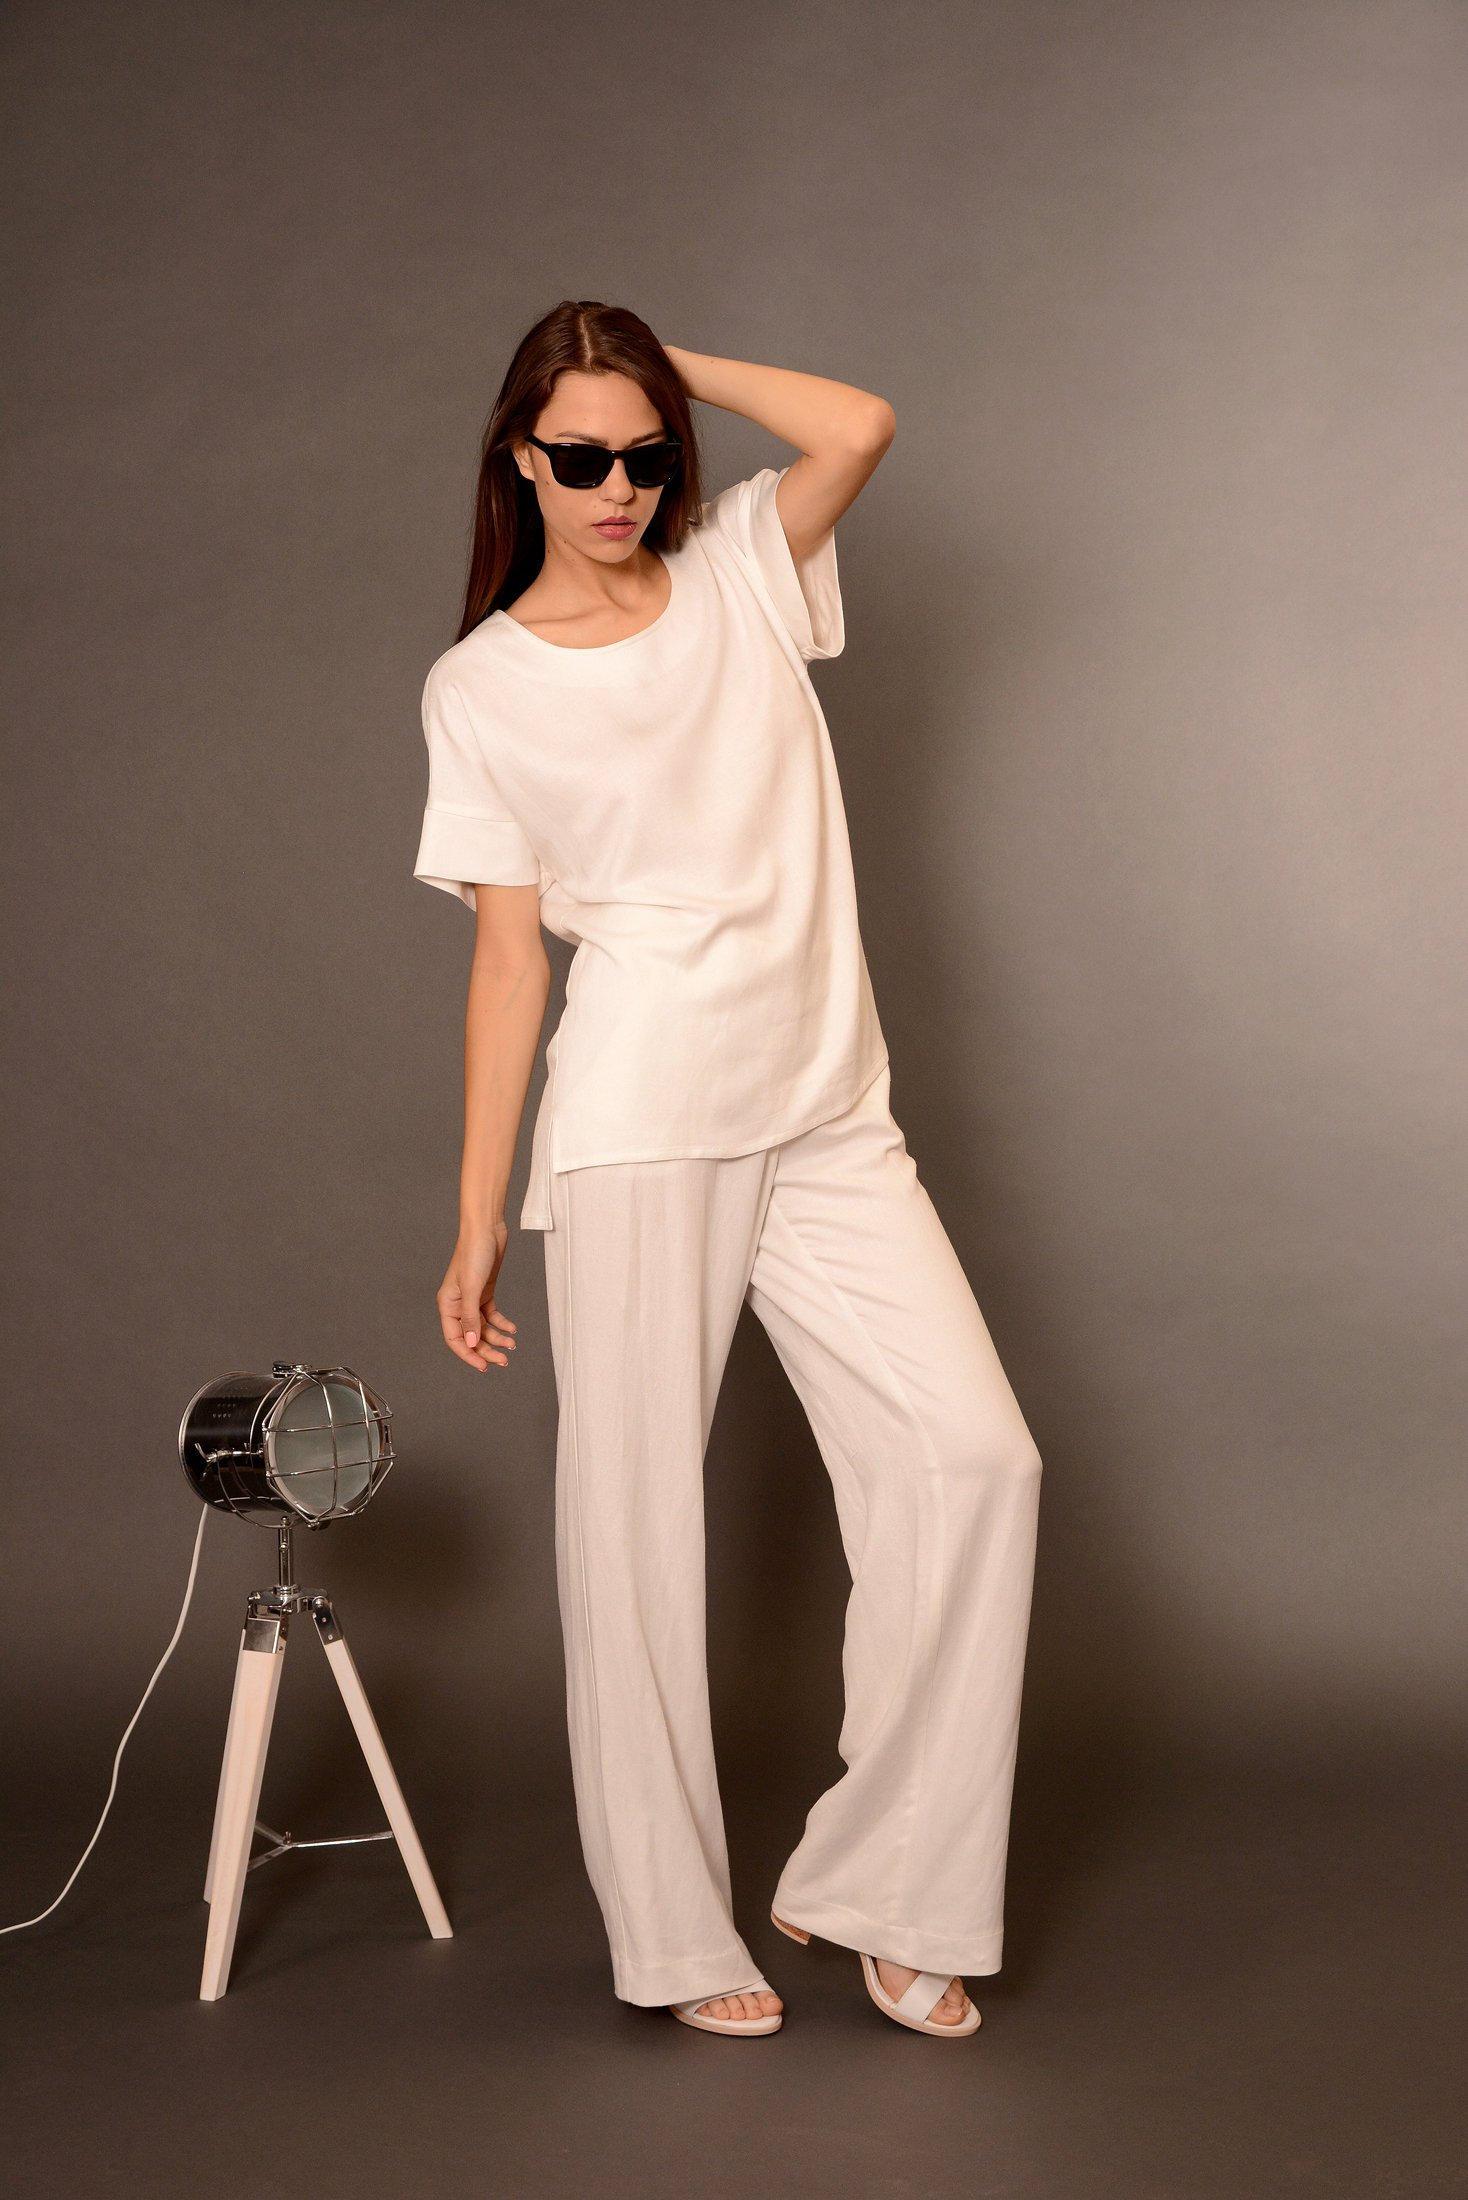 464affe7b717d White Tops Linen Tank Top Linen Top Linen T-Shirt Linen